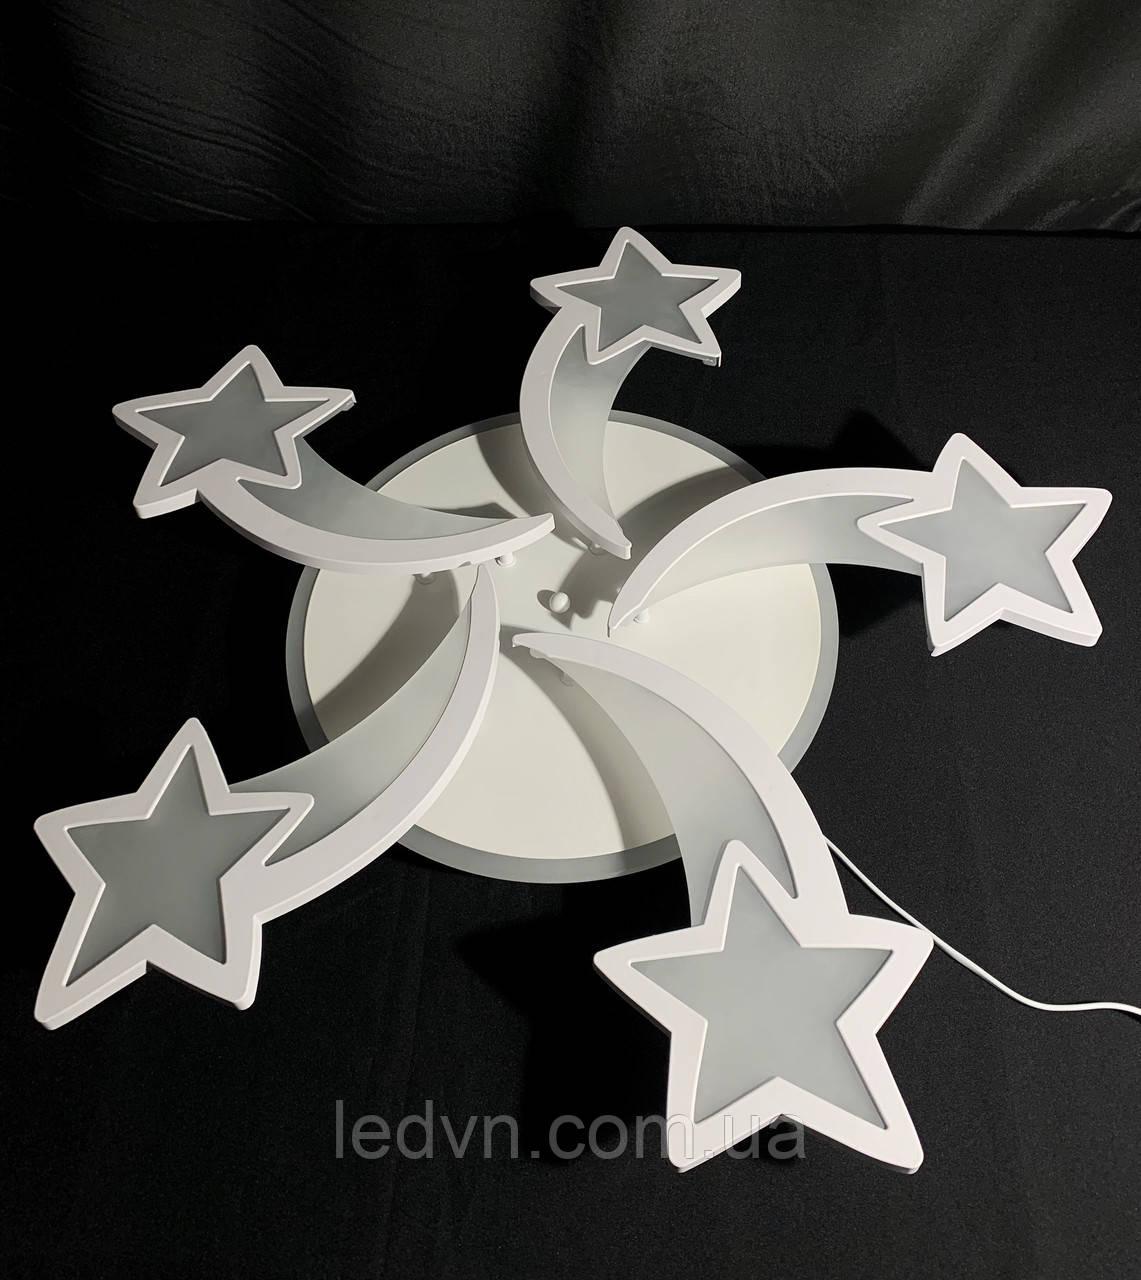 Светодиодная  детская люстра пять лепестков белая 105 ватт